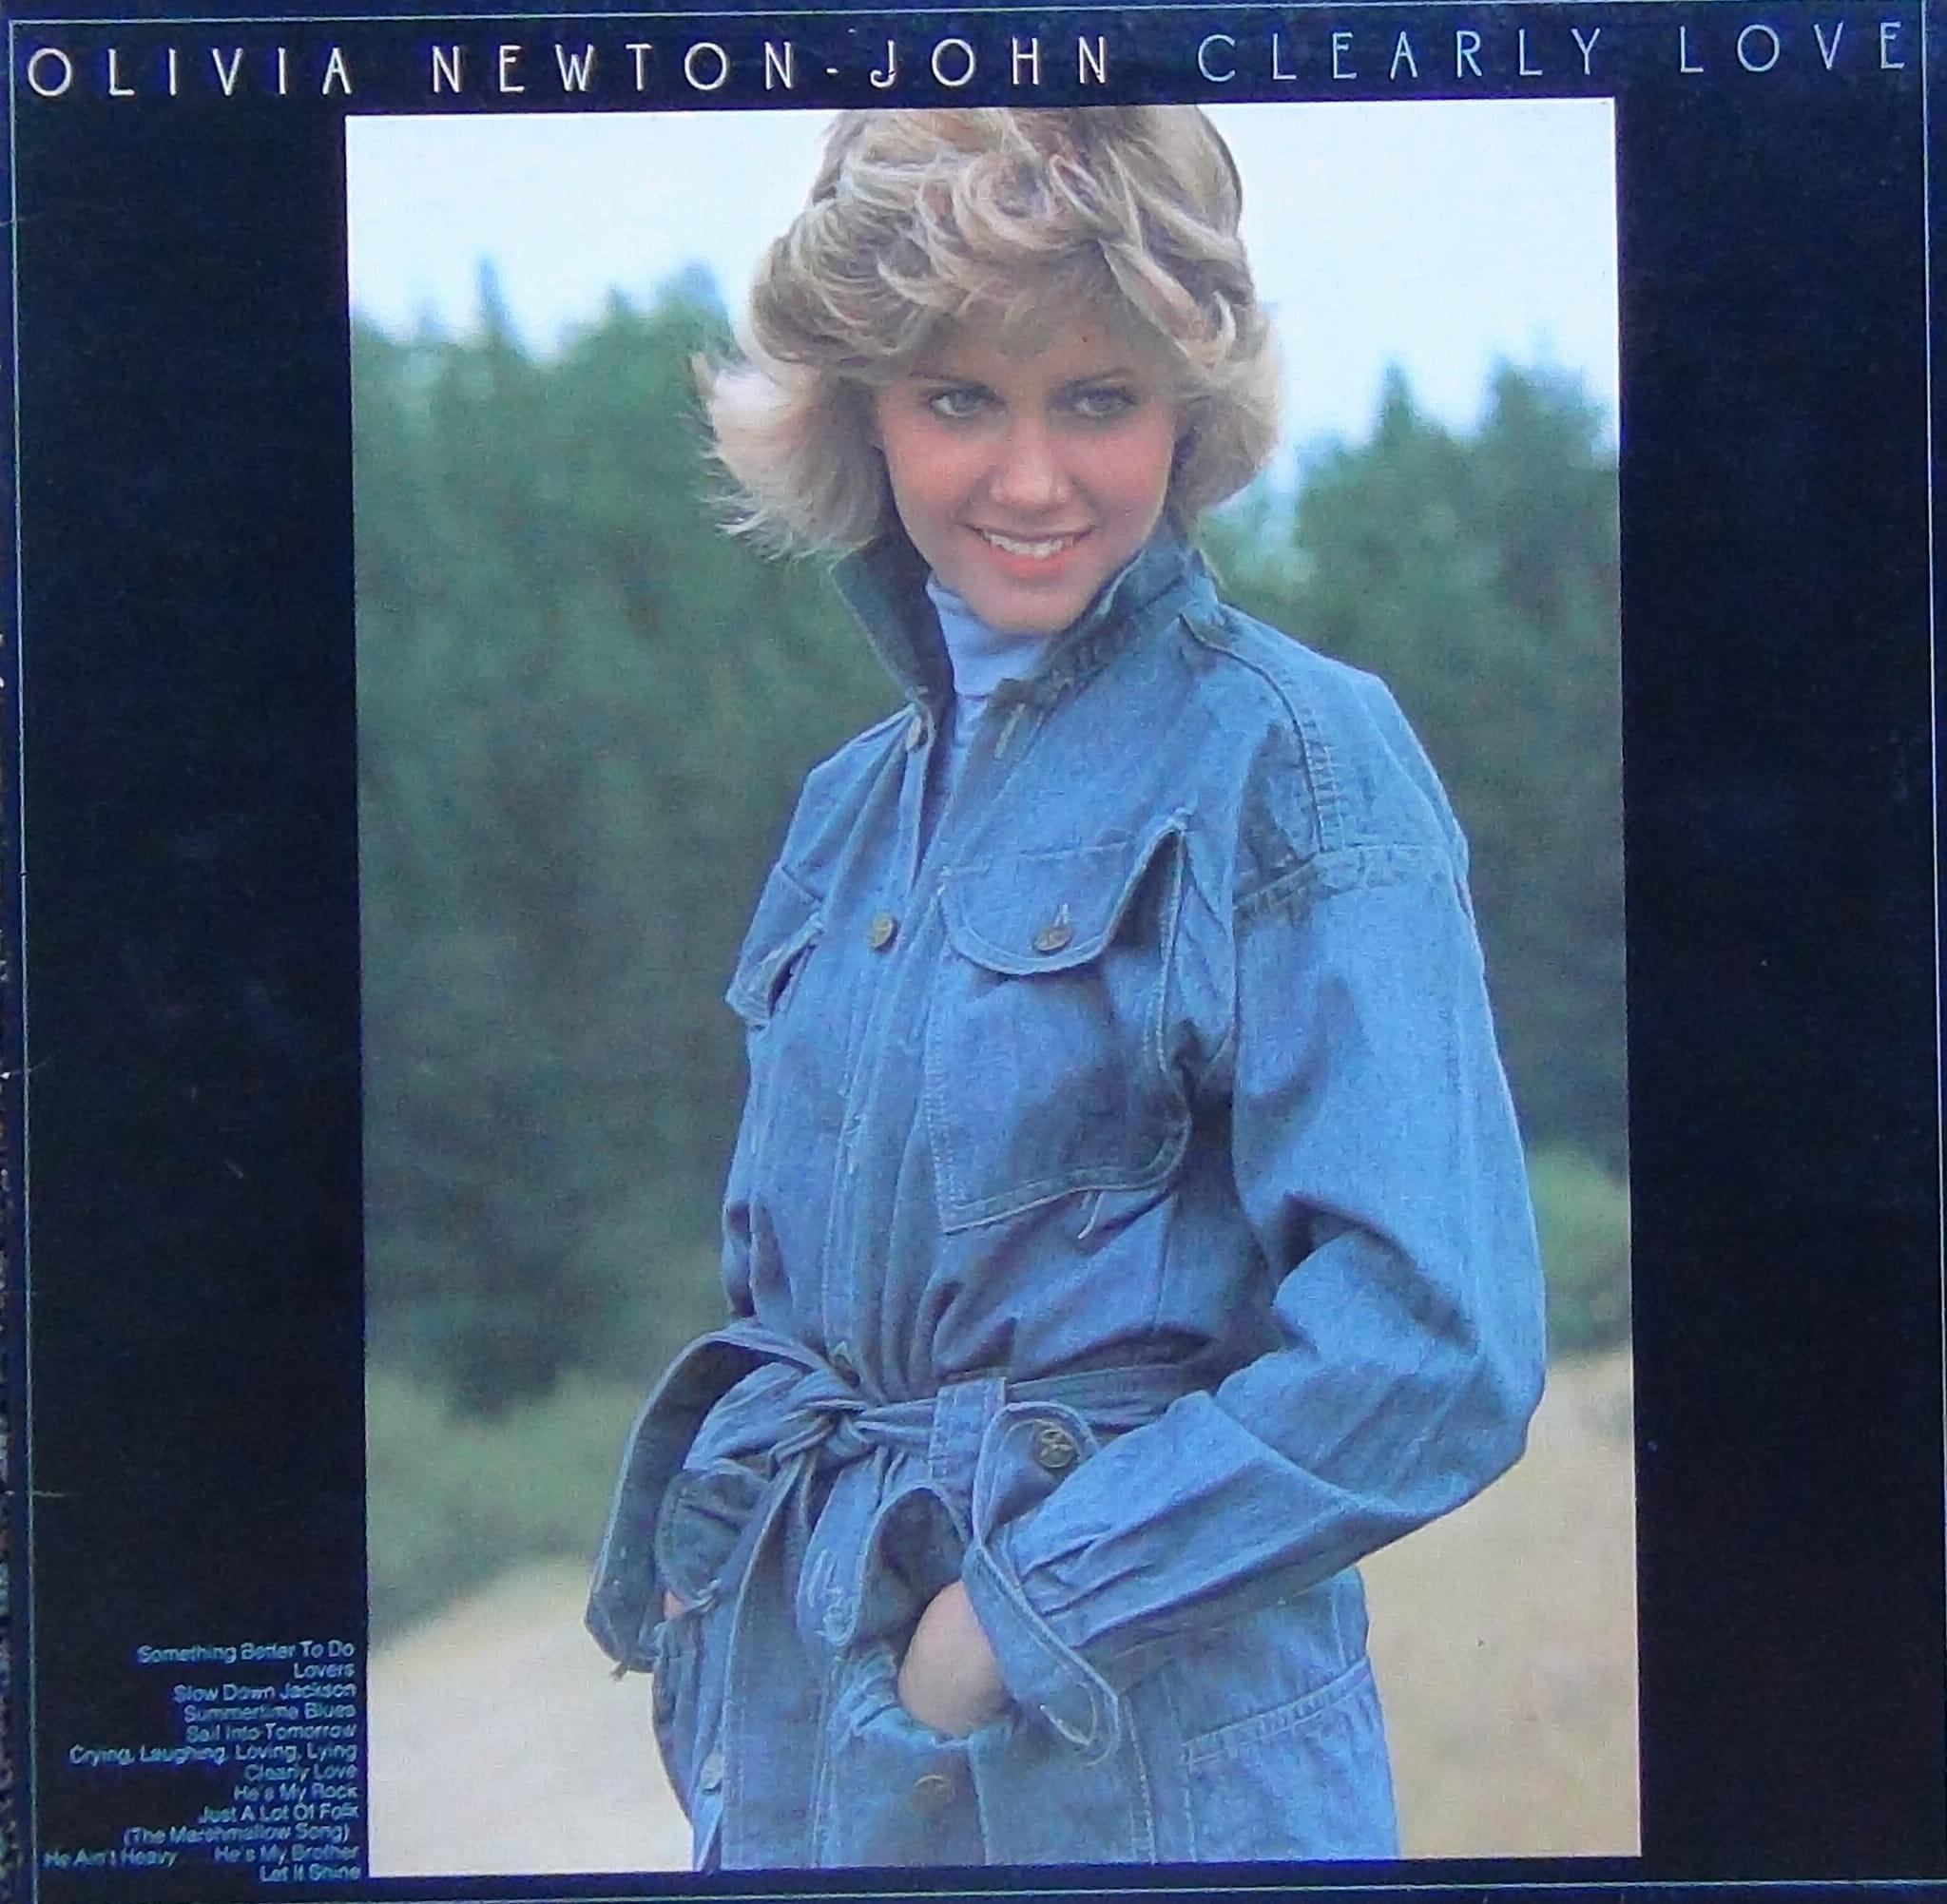 Olivia Newton John Clearly Love Ema 774 Vinyl